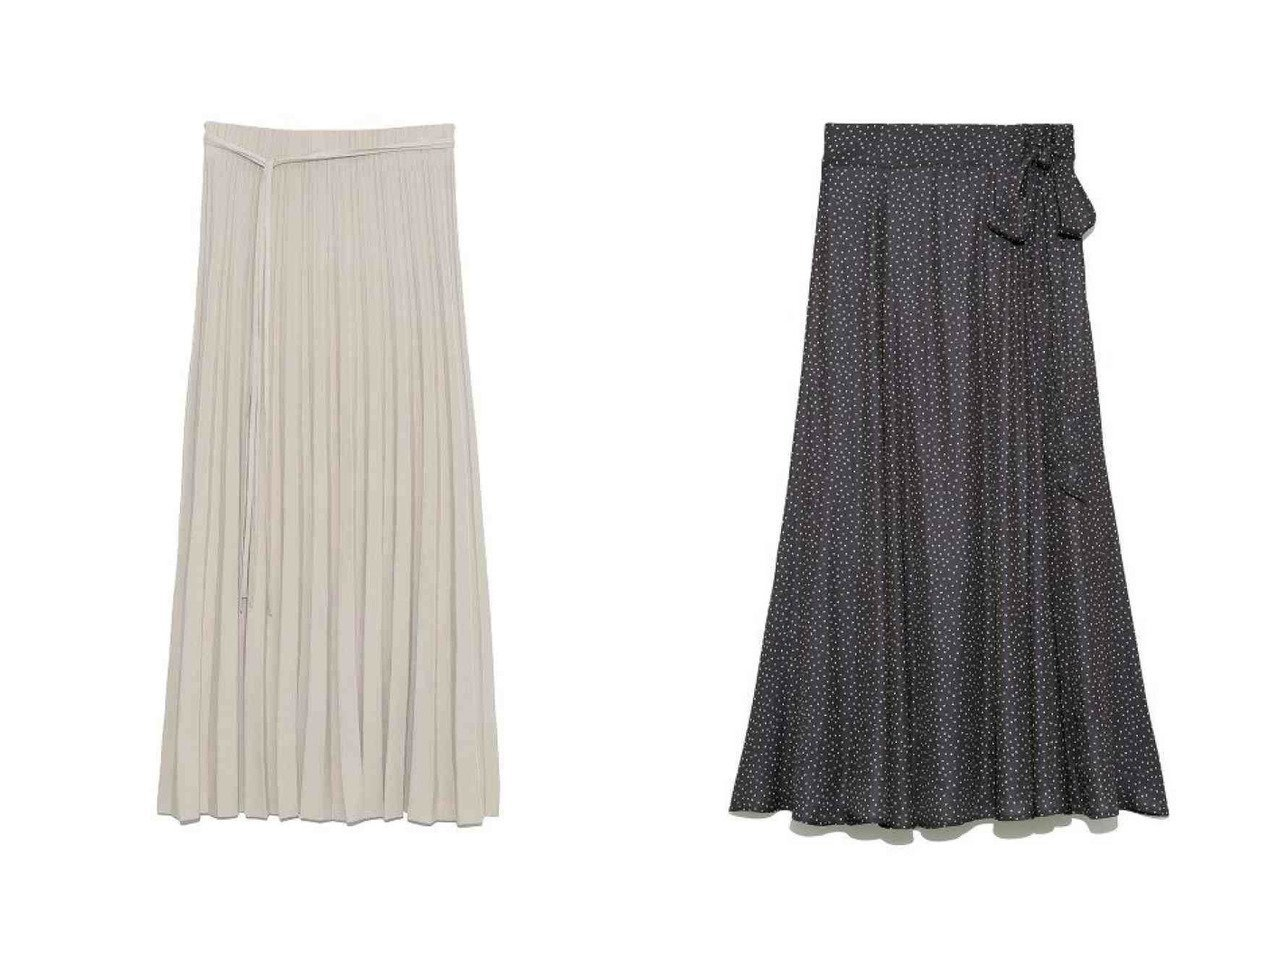 【Mila Owen/ミラオーウェン】のオーガニックスカート&サテンマキシ丈巻きスカート スカートのおすすめ!人気、トレンド・レディースファッションの通販 おすすめで人気の流行・トレンド、ファッションの通販商品 メンズファッション・キッズファッション・インテリア・家具・レディースファッション・服の通販 founy(ファニー) https://founy.com/ ファッション Fashion レディースファッション WOMEN スカート Skirt ロングスカート Long Skirt NEW・新作・新着・新入荷 New Arrivals パープル プリーツ ロング 再入荷 Restock/Back in Stock/Re Arrival |ID:crp329100000012898